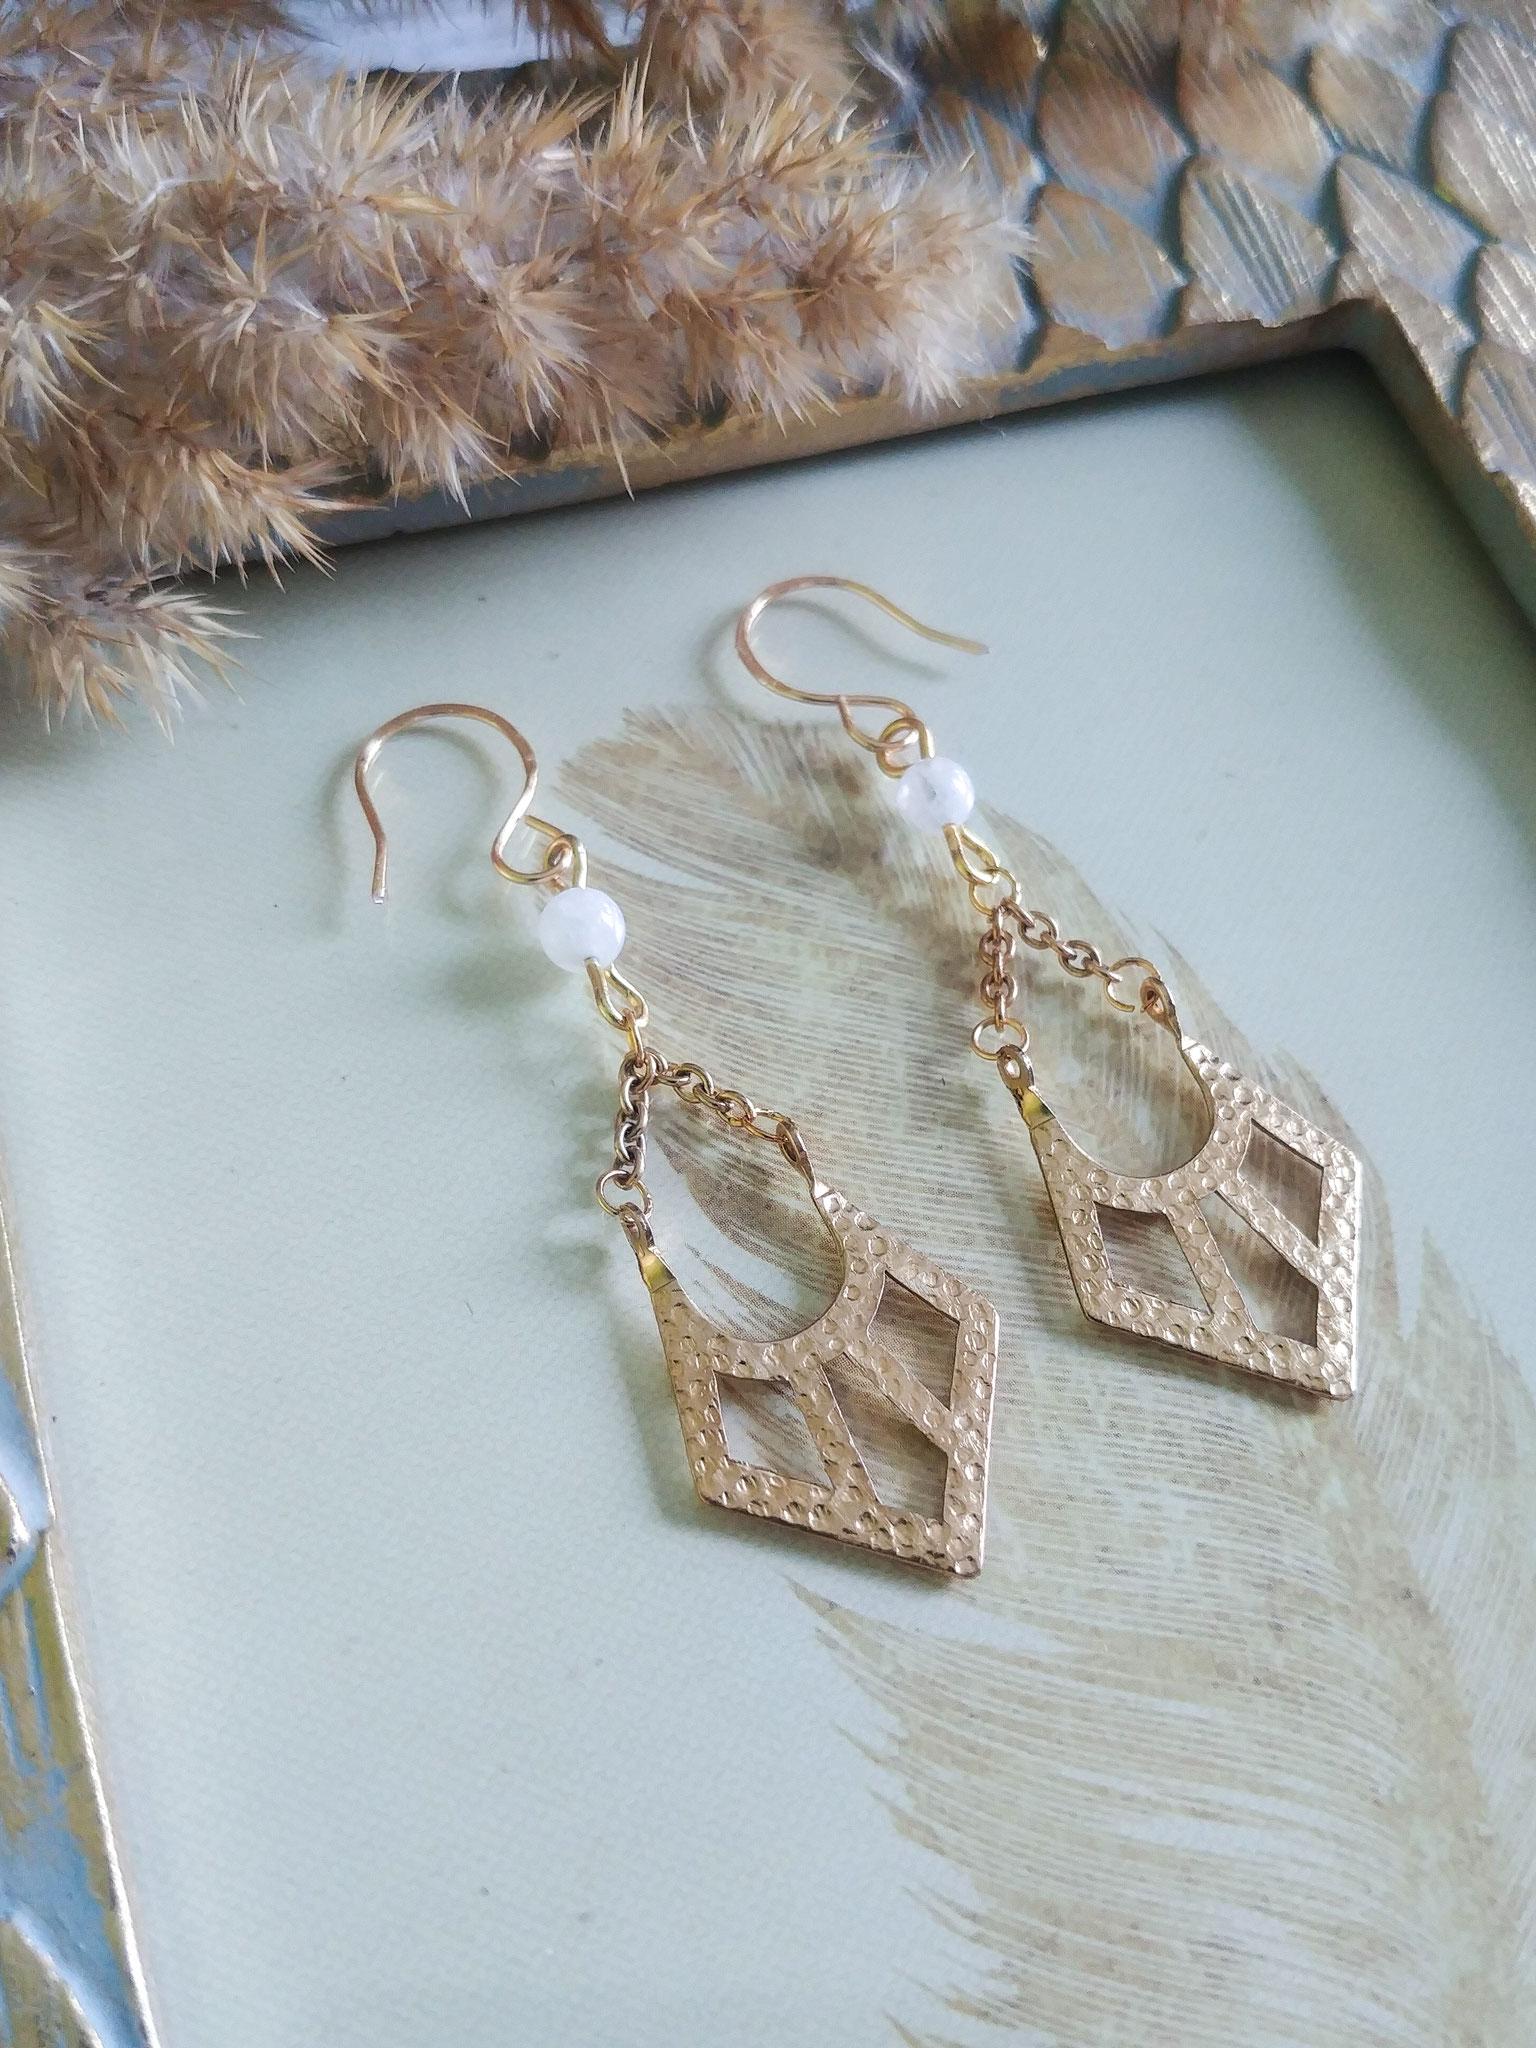 Les Demoiselles : bijoux dorés à l'esprit vintage moderne et aux lignes épurées